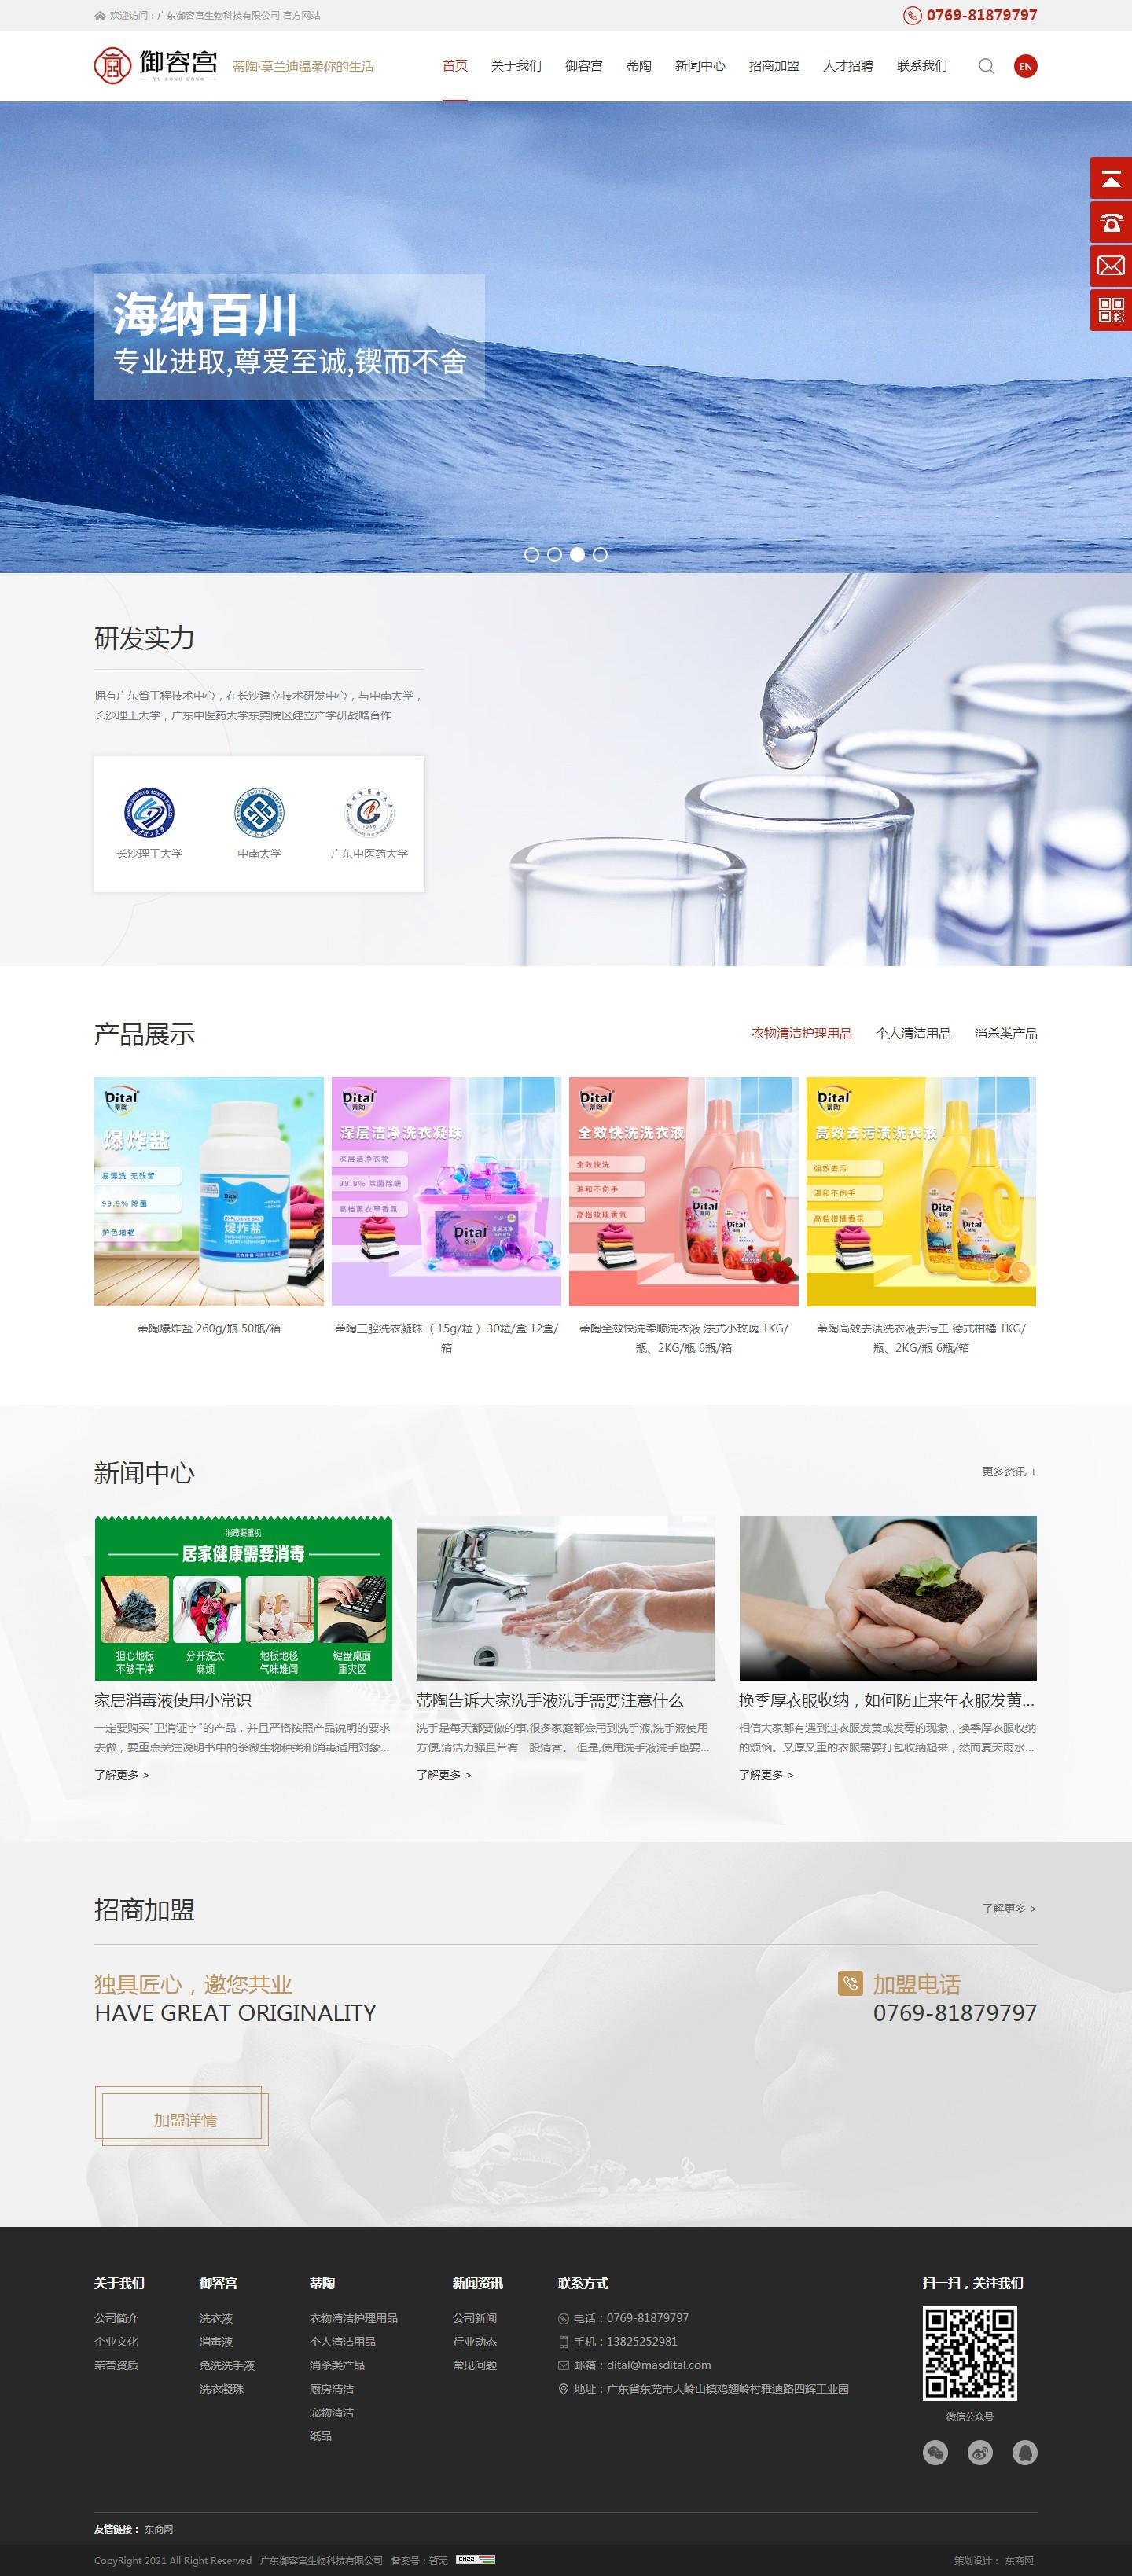 【上線】熱烈祝賀廣東御容宮生物科技有限公司官方網站成功上線!